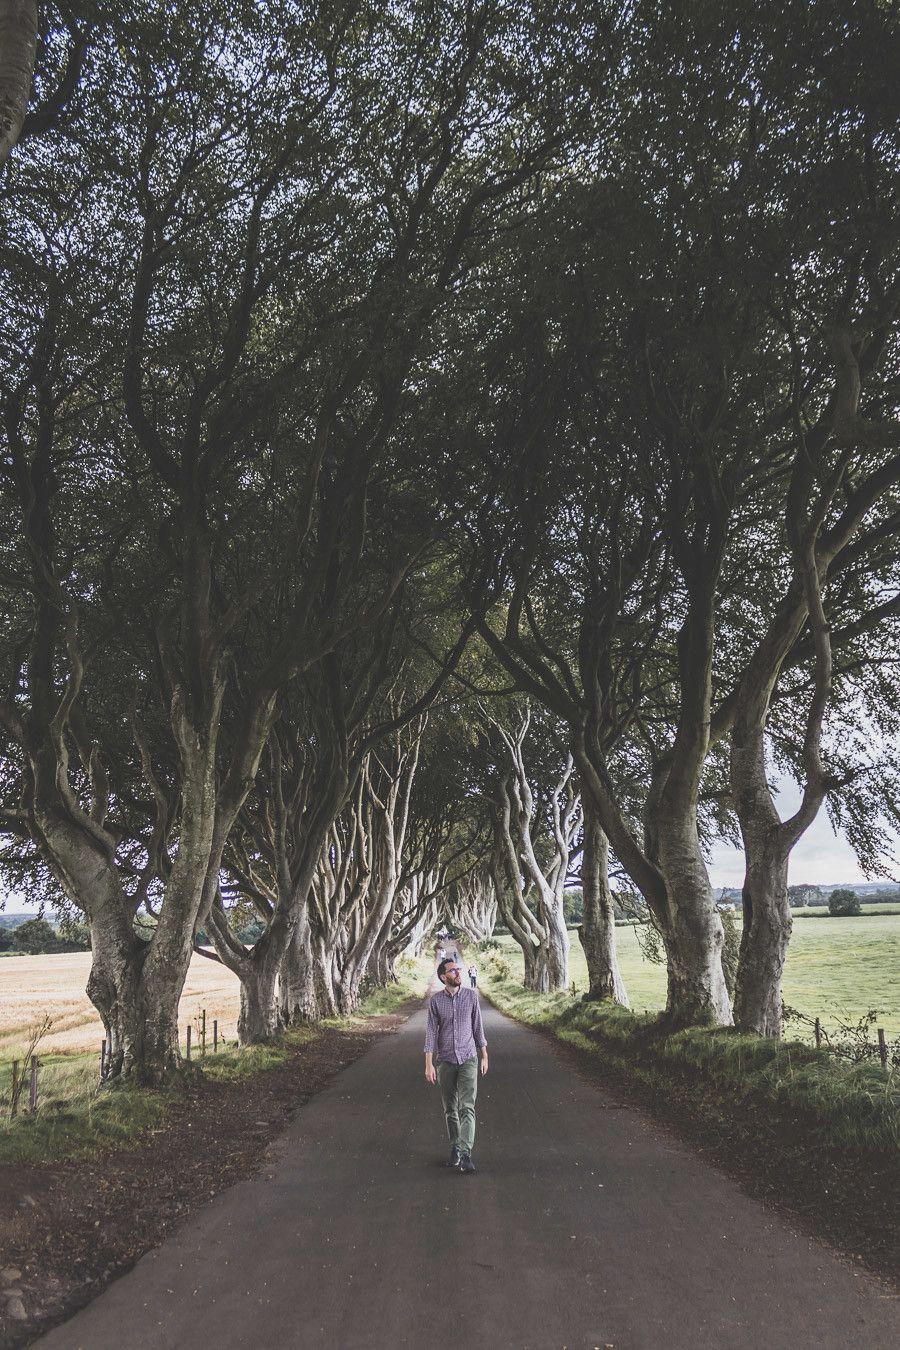 Vous ne connaissez pas encore l'Irlande-du-Nord ? Vous rêvez d'un voyage en Irlande-du-Nord ? Cet article est fait pour vous ! Il vous aidera à préparer votre road trip dans des lieux incroyables comme la Chaussée des Géants ou le pont Carrick-a-Rede. Vous découvrirez des lieux de tournage de Game of Thrones. Road trip Irlande / Irlande du Nord / Irlande voyage / Irlande paysage / Irlande road trip / Irlande du Nord voyage / Irlande du Nord paysage / Circuit Irlande du Nord / Game of Thrones